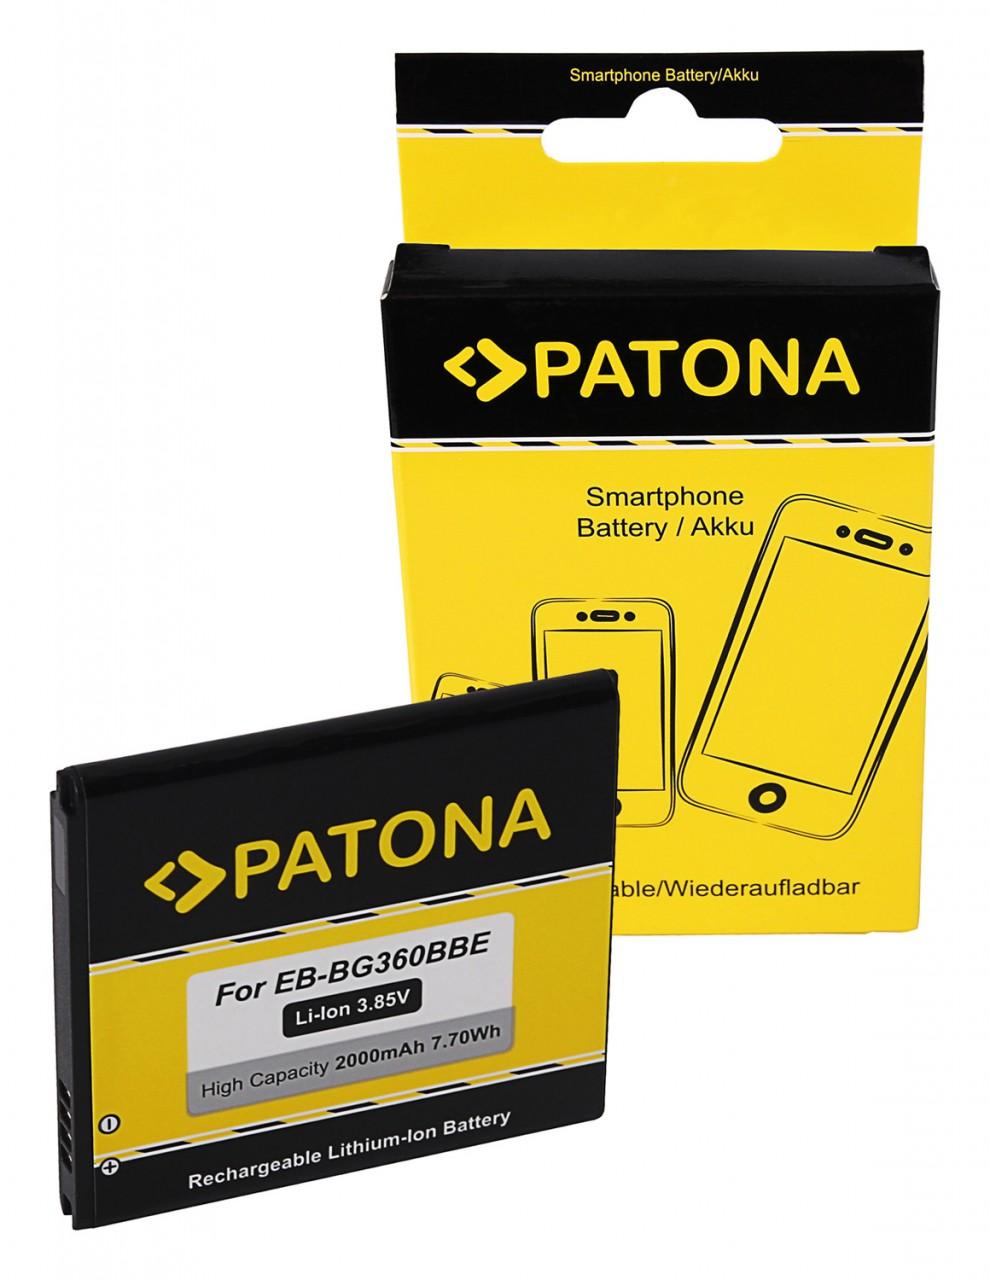 PATONA Akku f. Samsung Galaxy Core Prime EB-BG360BBE EB-BG36